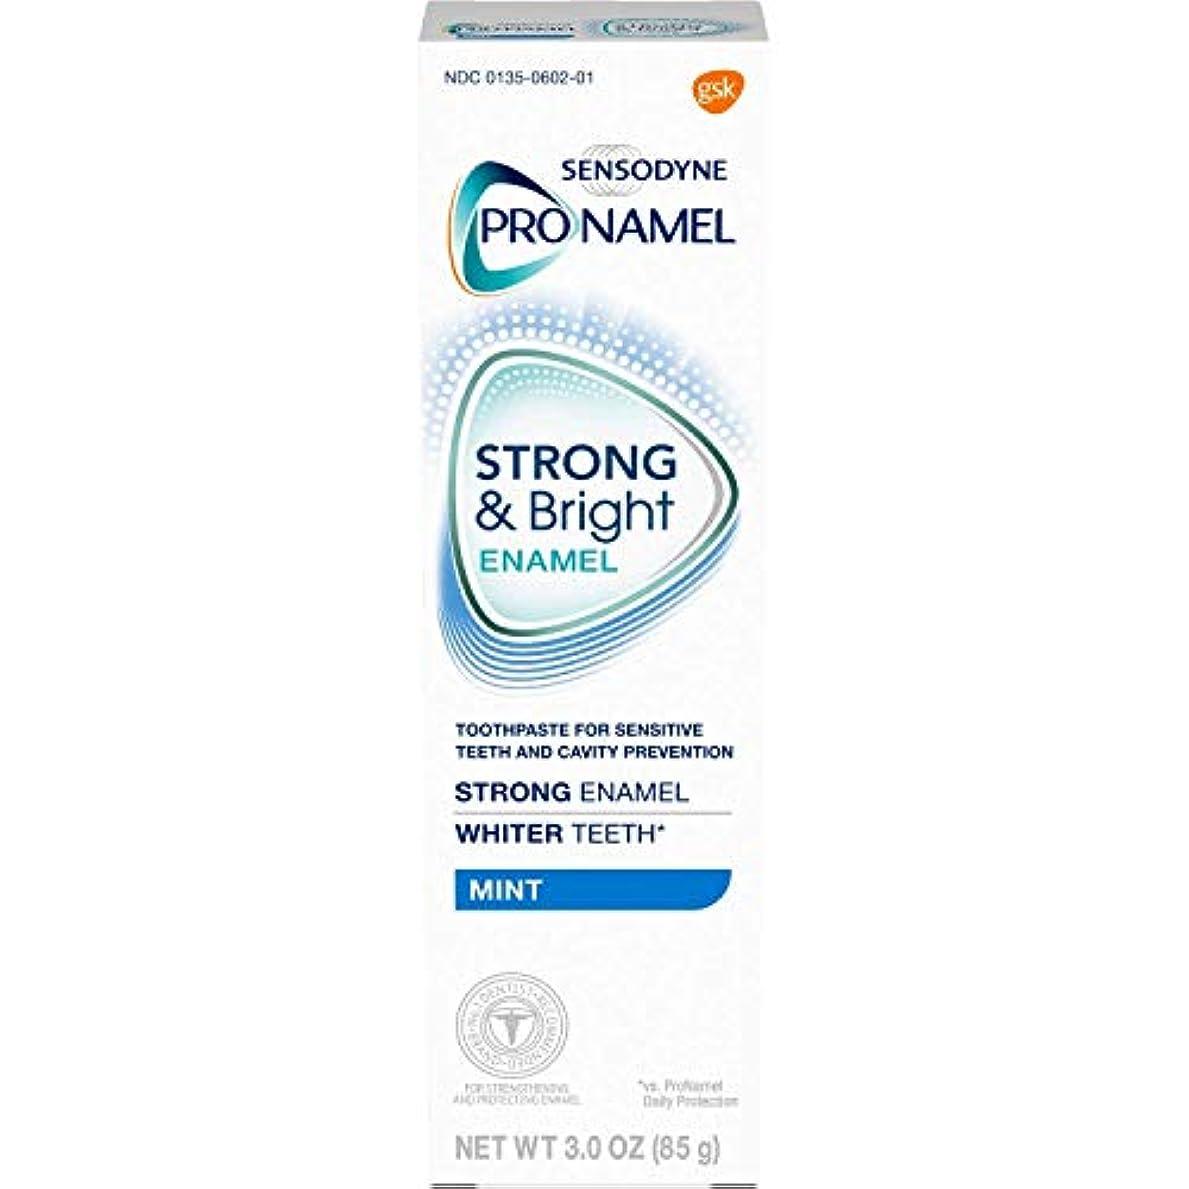 誕生日申し込むうまSENSODYNE PRONAMEL 敏感な歯のミントのためにSensodyne ProNamelストロング&明るいエナメルハミガキ - 3オンス、6パック